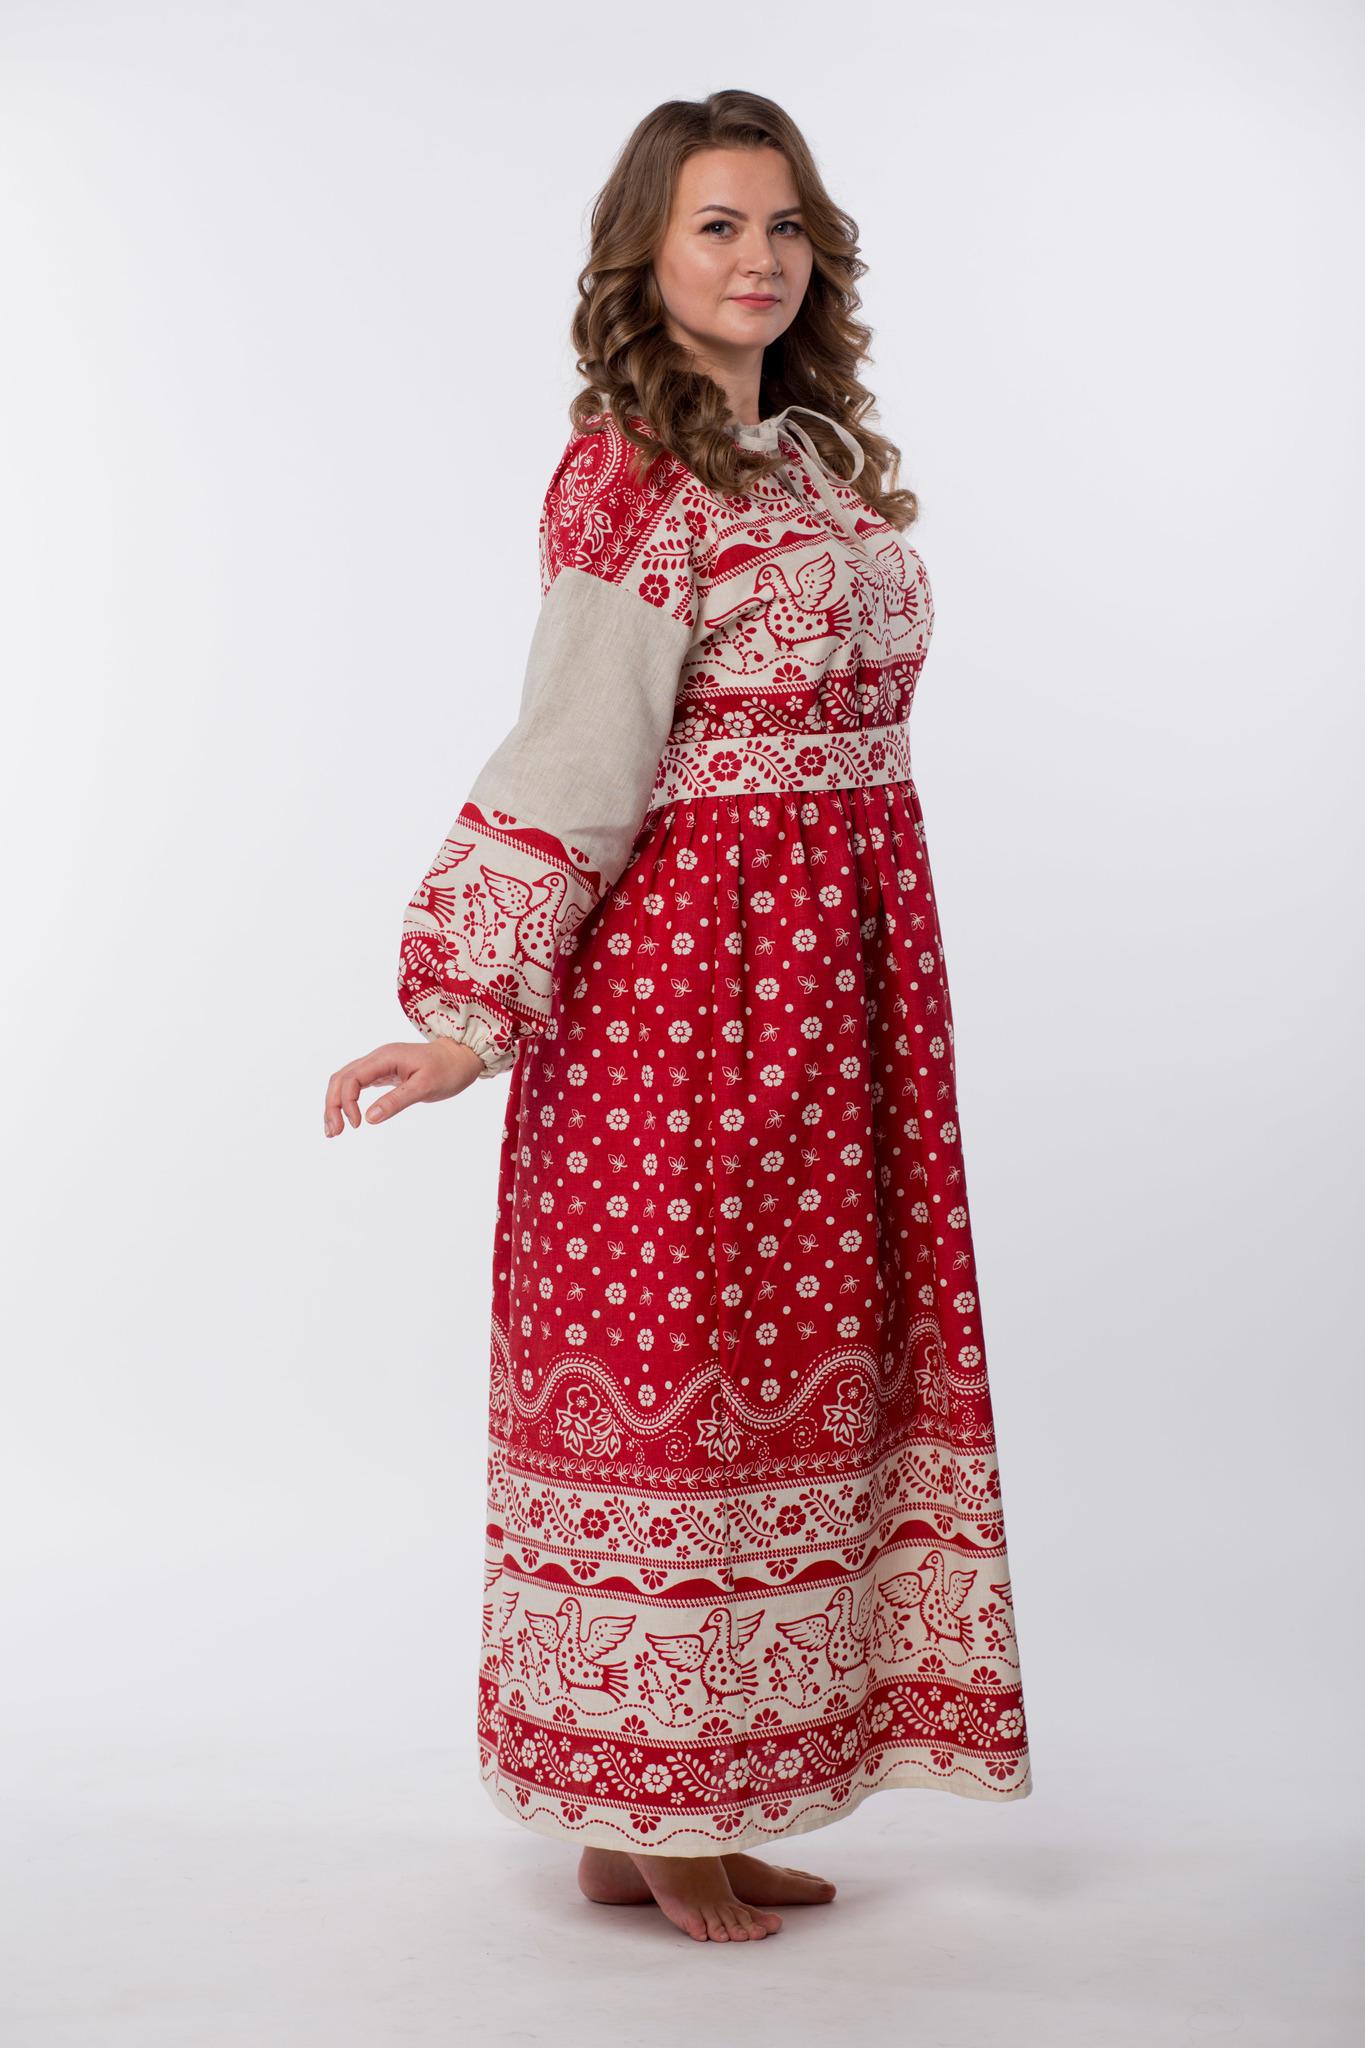 Платье льняное Певчее размер 50-52 вид сбоку